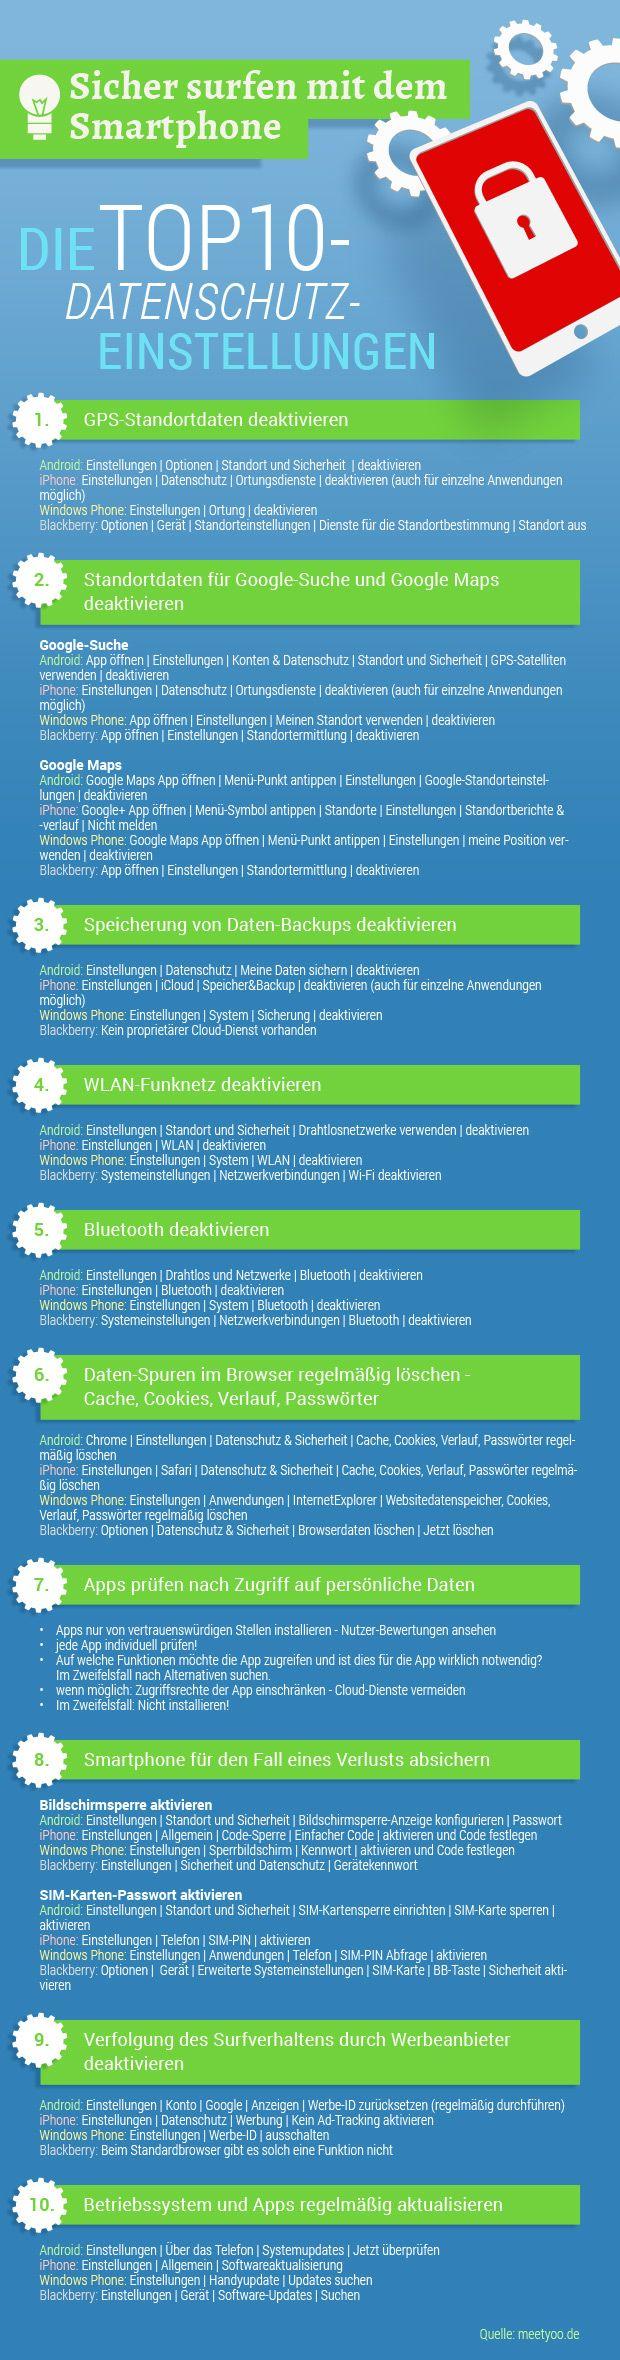 Sicher surfen mit dem Smartphone: Datenschutz-Infografik  #Datenschutz #Infografik #Smarthphone